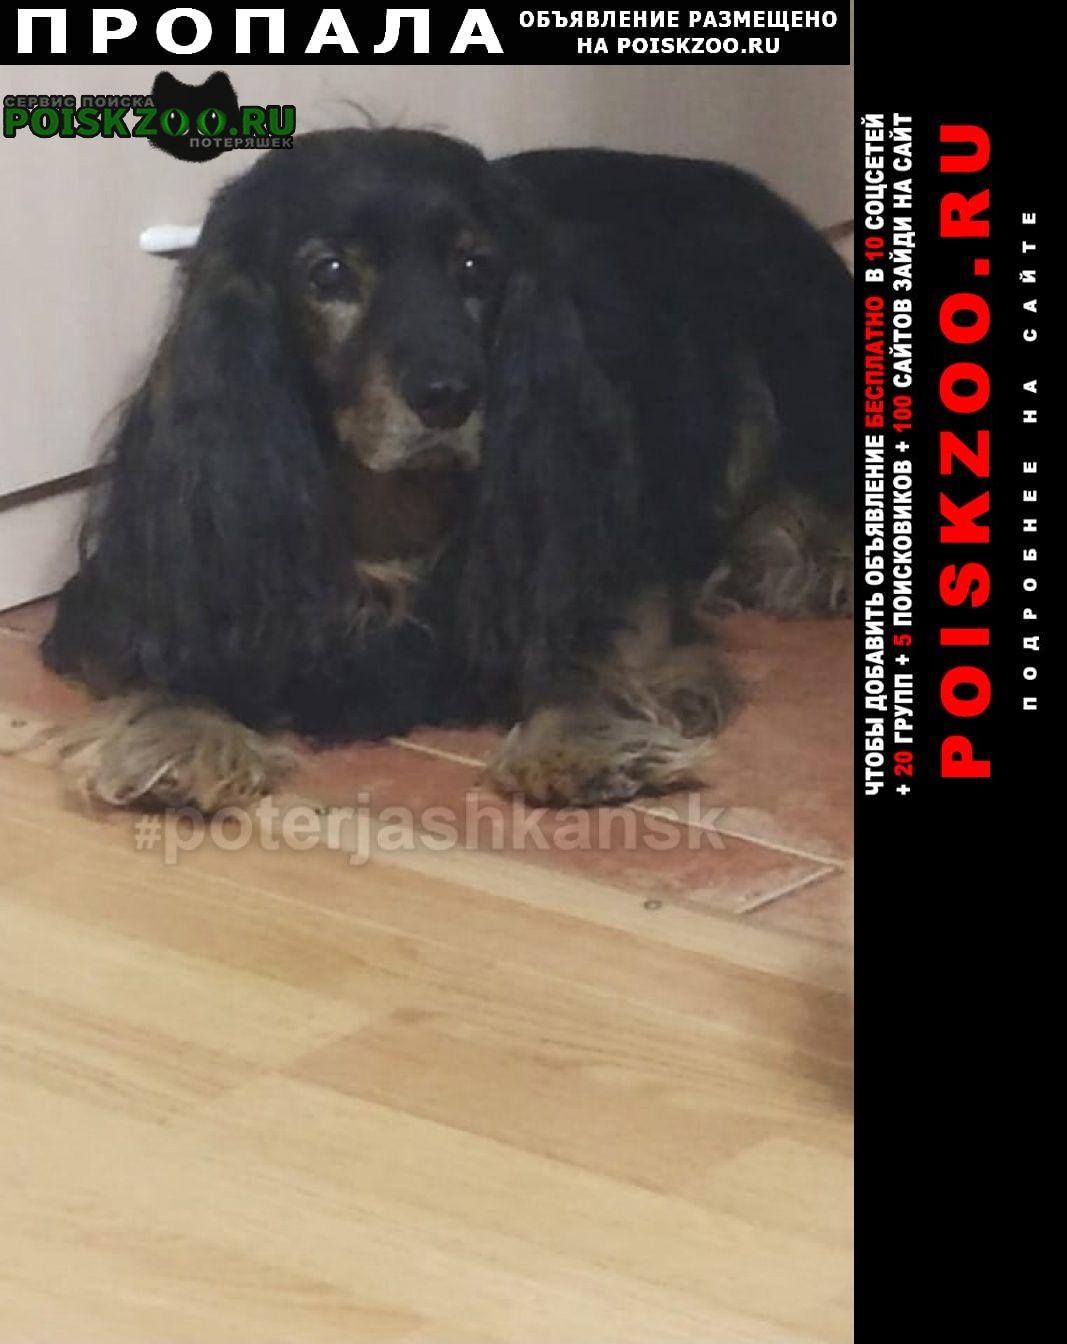 Пропала собака кобель черный русский спаниель Новосибирск